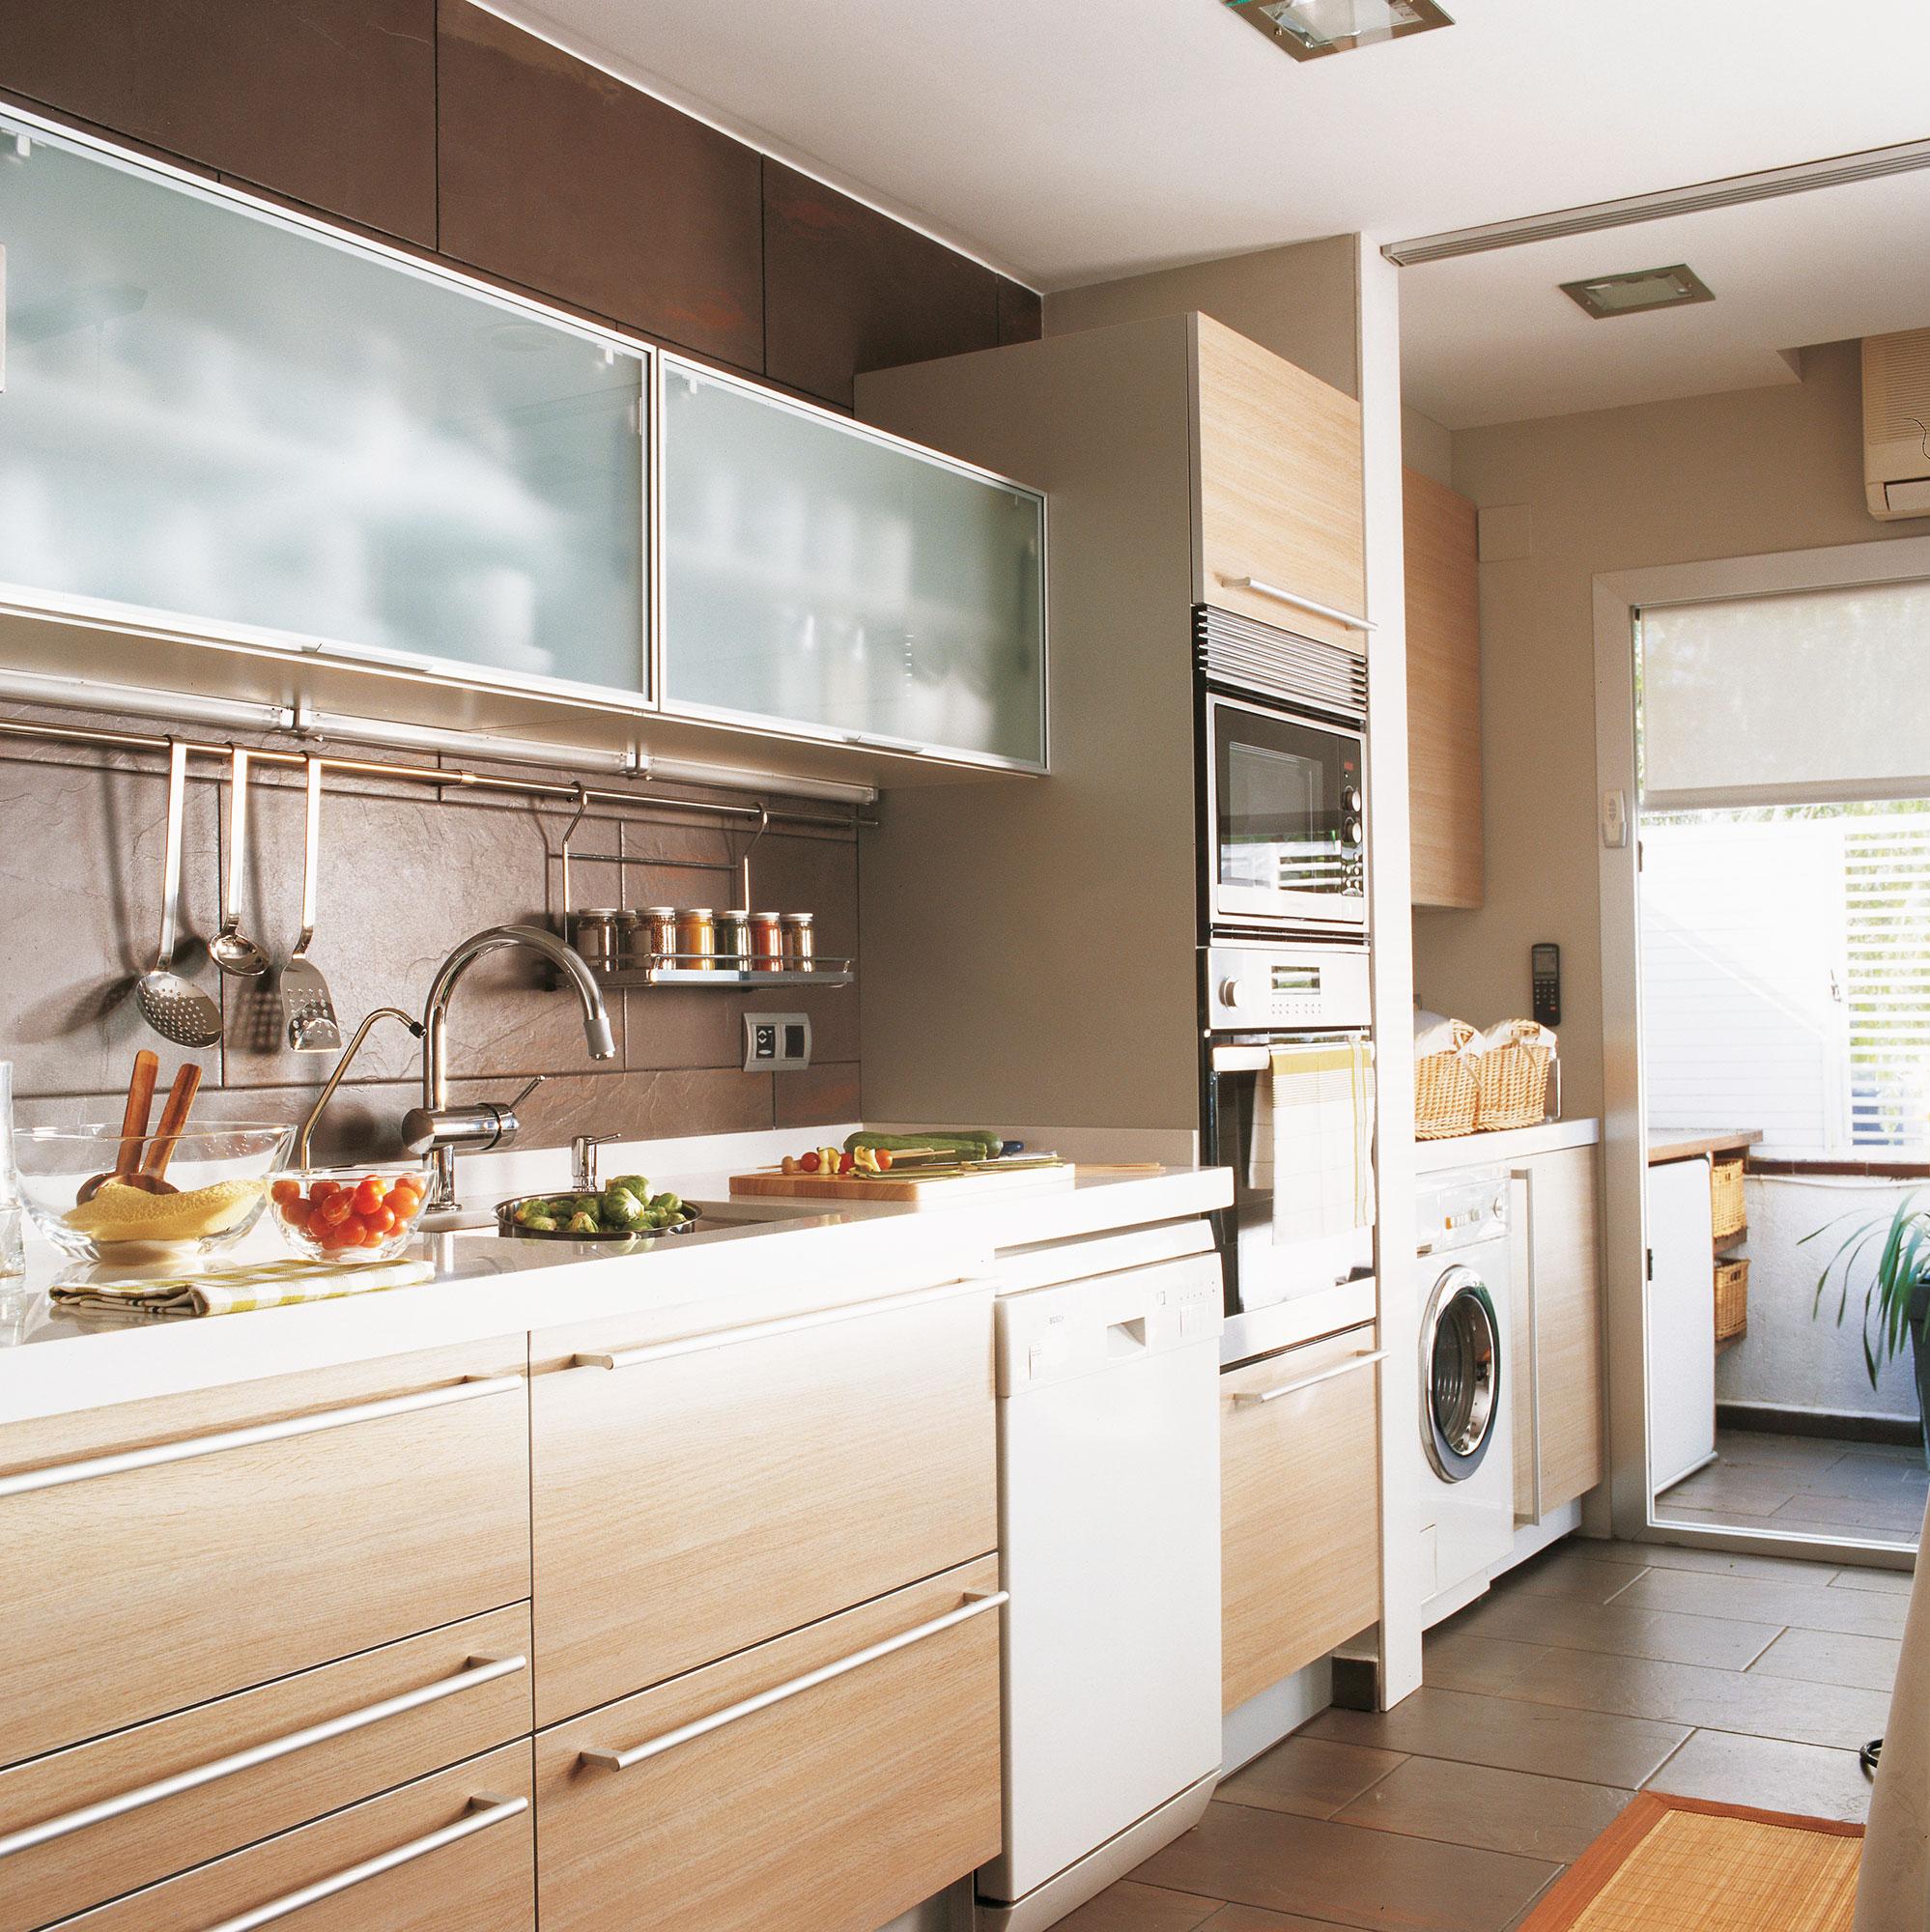 Muebles de cocina y lavadero 20170807165037 for Lavadero de cocina con mueble